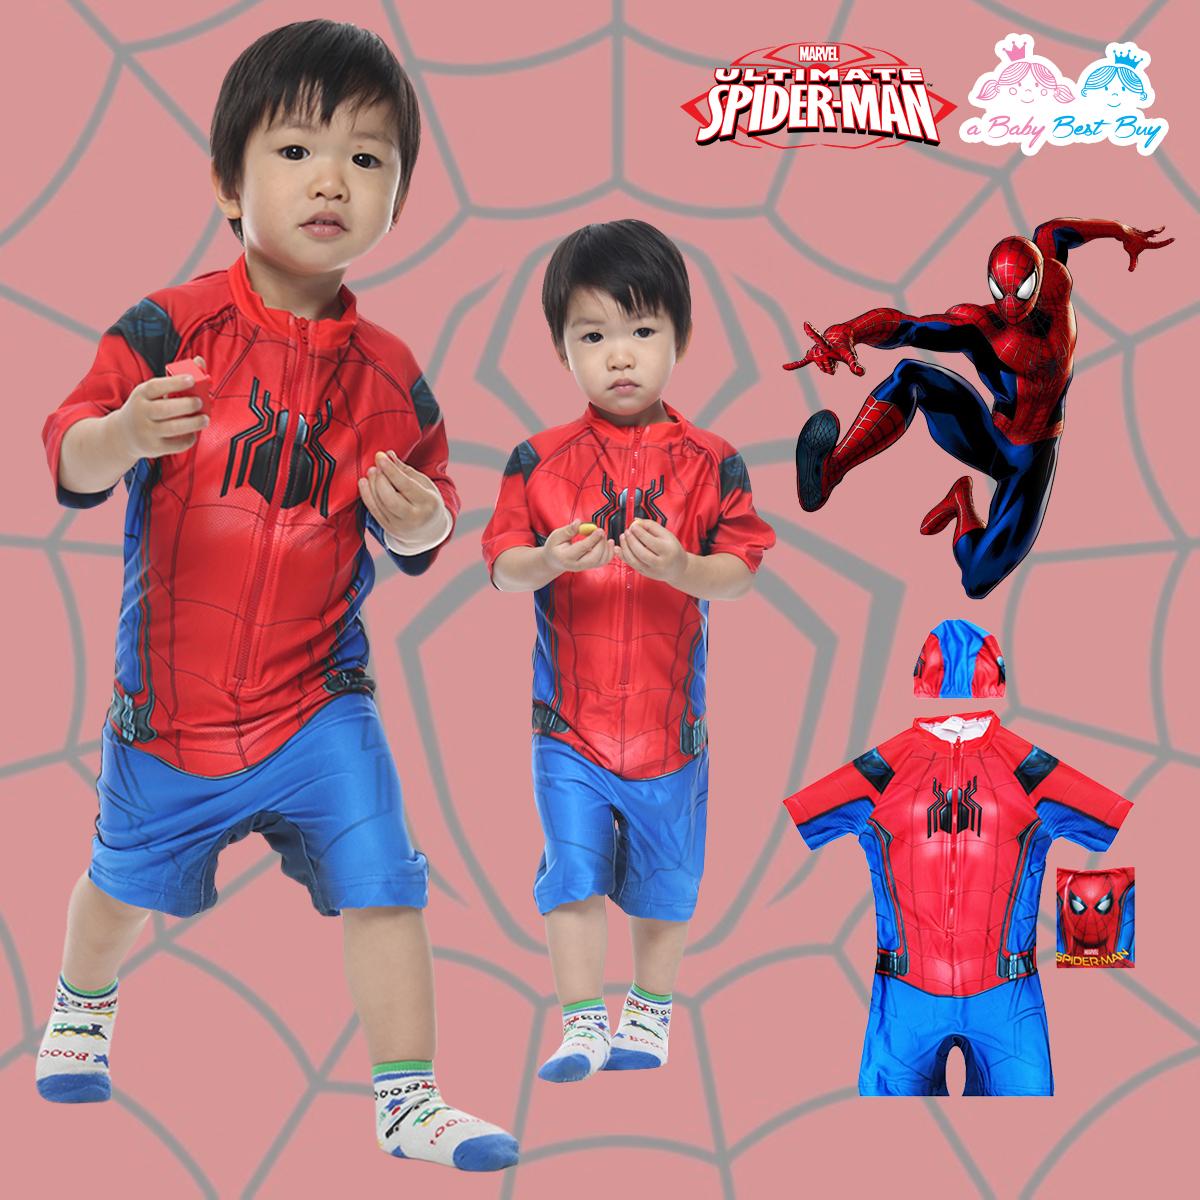 """""""( For Kids ) Swimsuit for Boys Spider-man ชุดว่ายน้ำ เด็กผู้ชาย บอดี้สูท กางเกงขาสั้น มาพร้อมหมวกว่ายน้ำและถุงผ้า สุดเท่ห์ ใส่สบาย ลิขสิทธิ์แท้"""